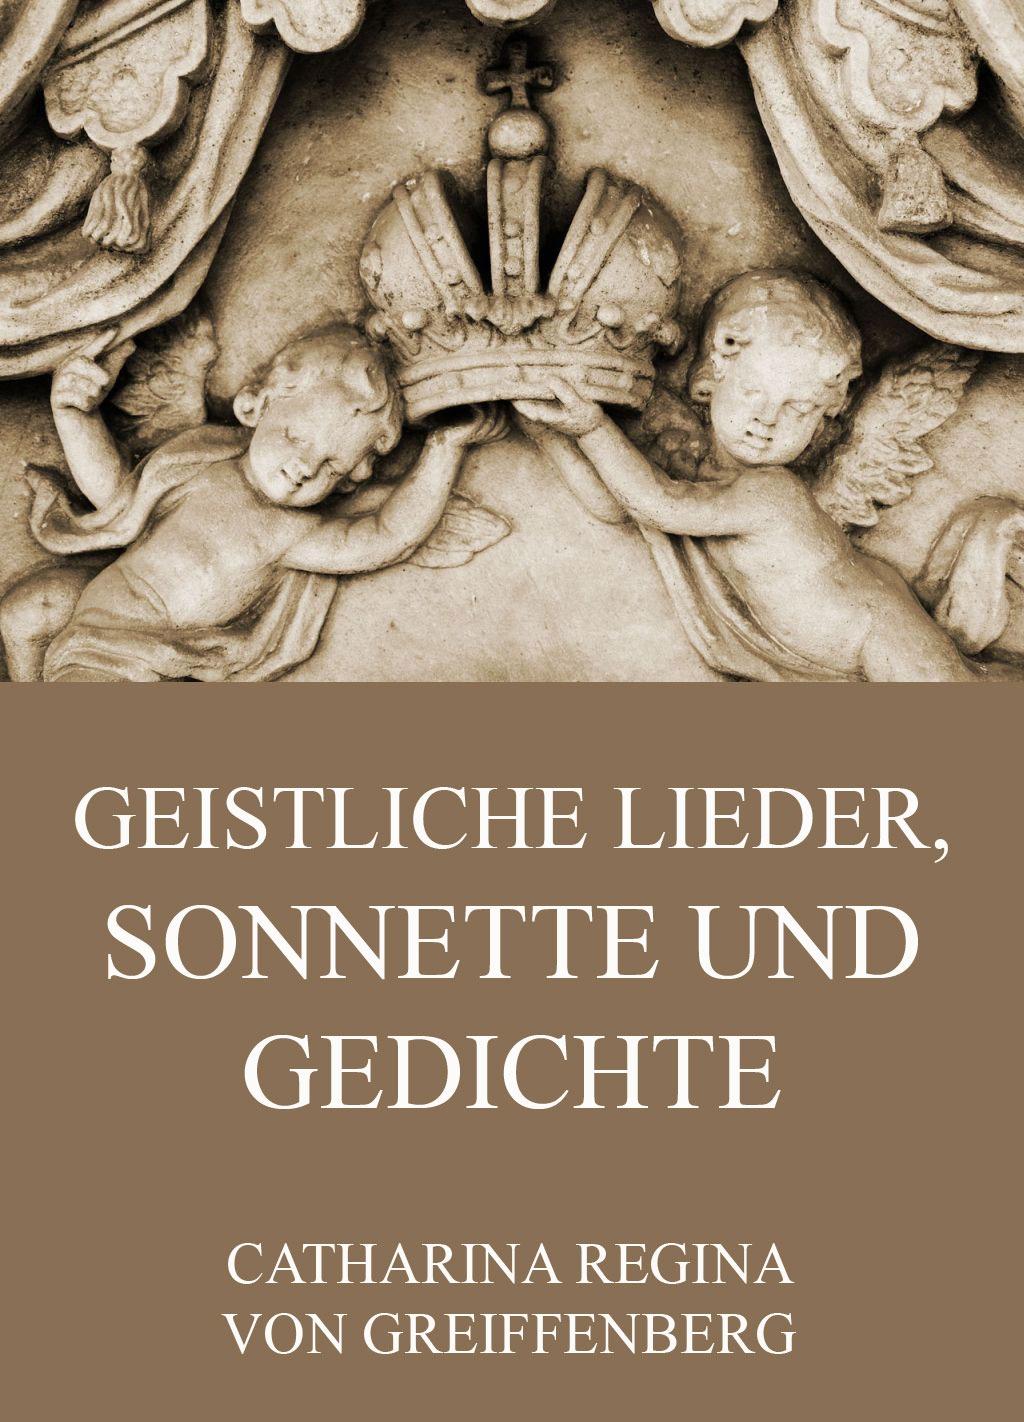 Catharina Regina von Greiffenberg Geistliche Lieder, Sonnette und Gedichte johann roling geistliche lieder und oden